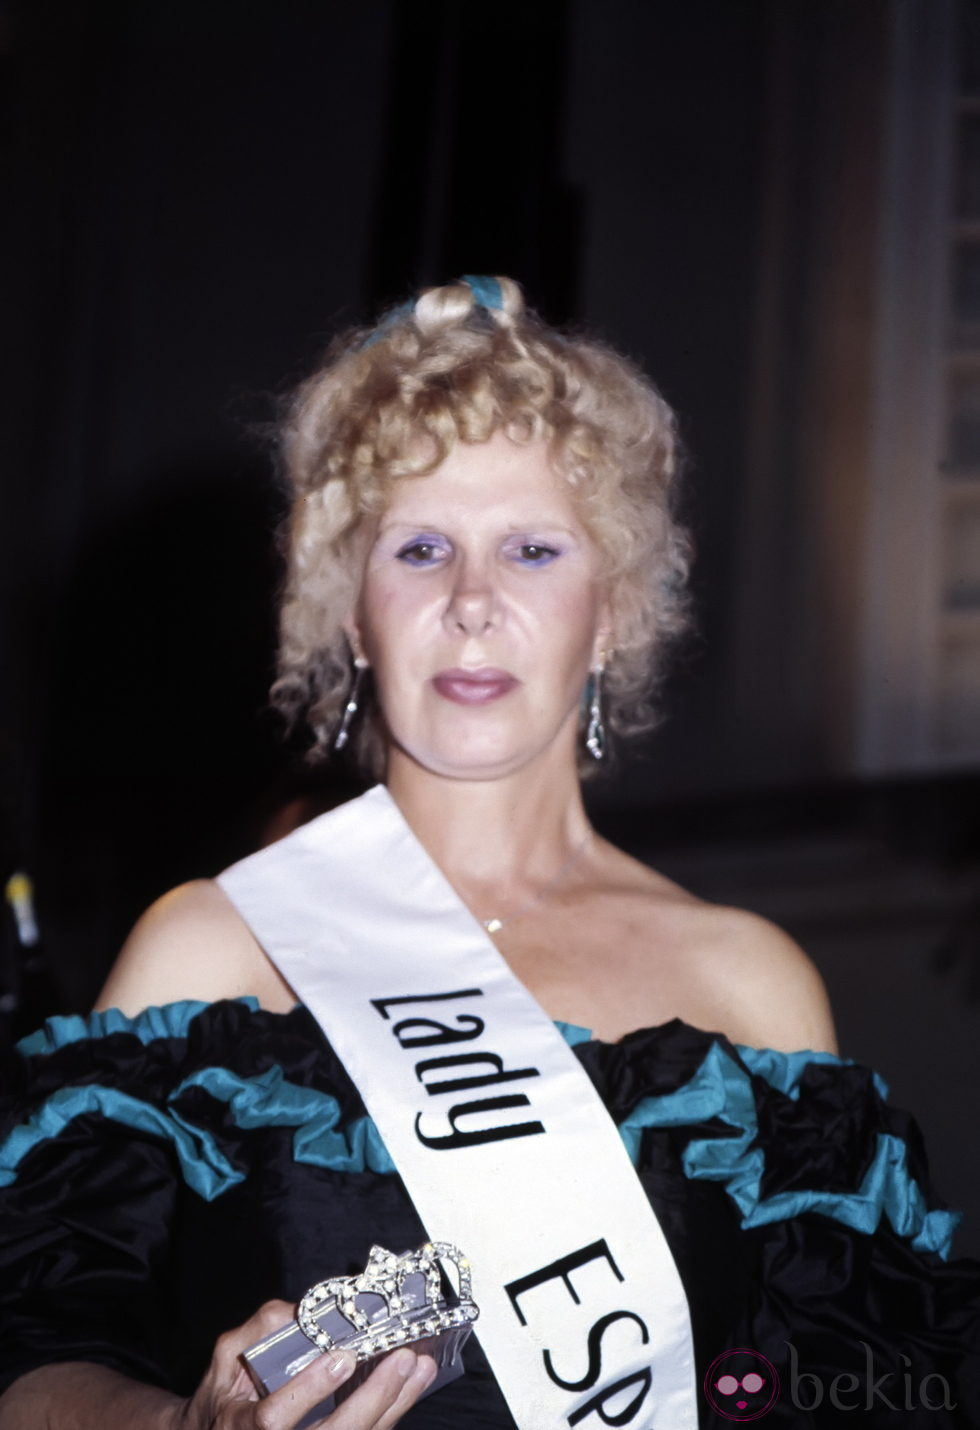 http://www.bekia.es/images/galeria/8000/8853_cayetana-de-alba-elegida-lady-espana-en-1987.jpg